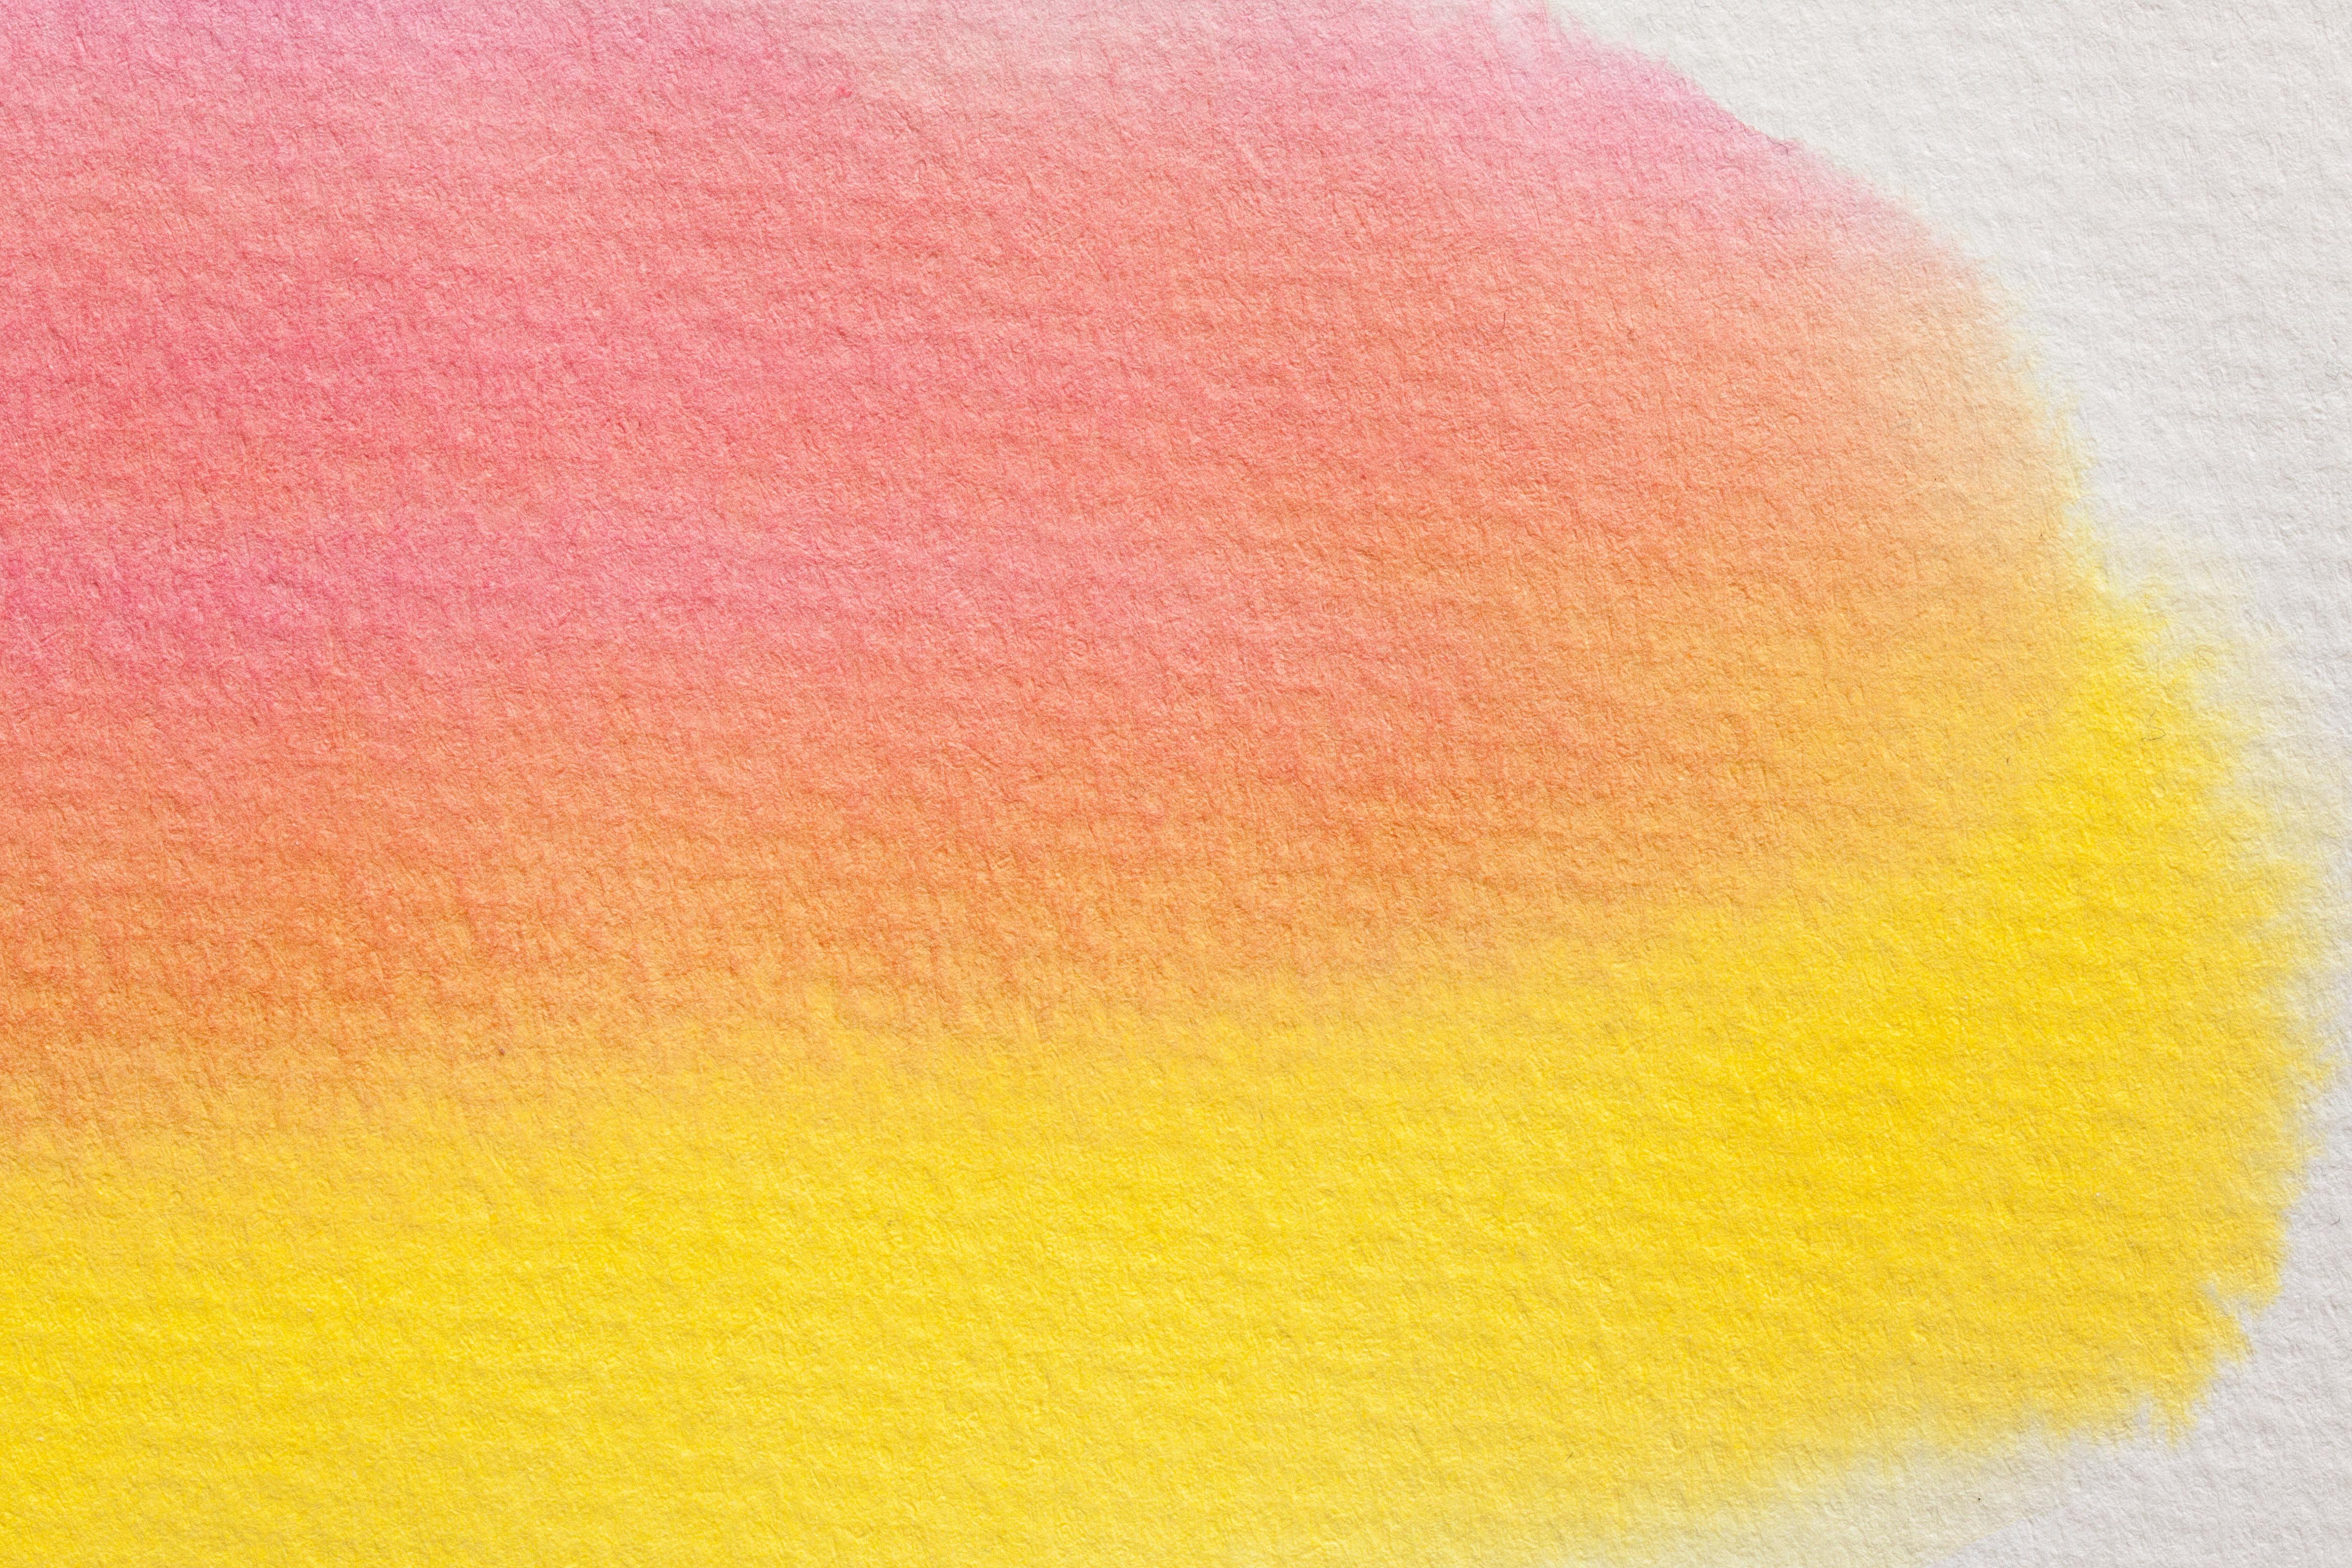 Images Gratuites : pétale, Orange, rouge, Couleur, serein, jaune ...